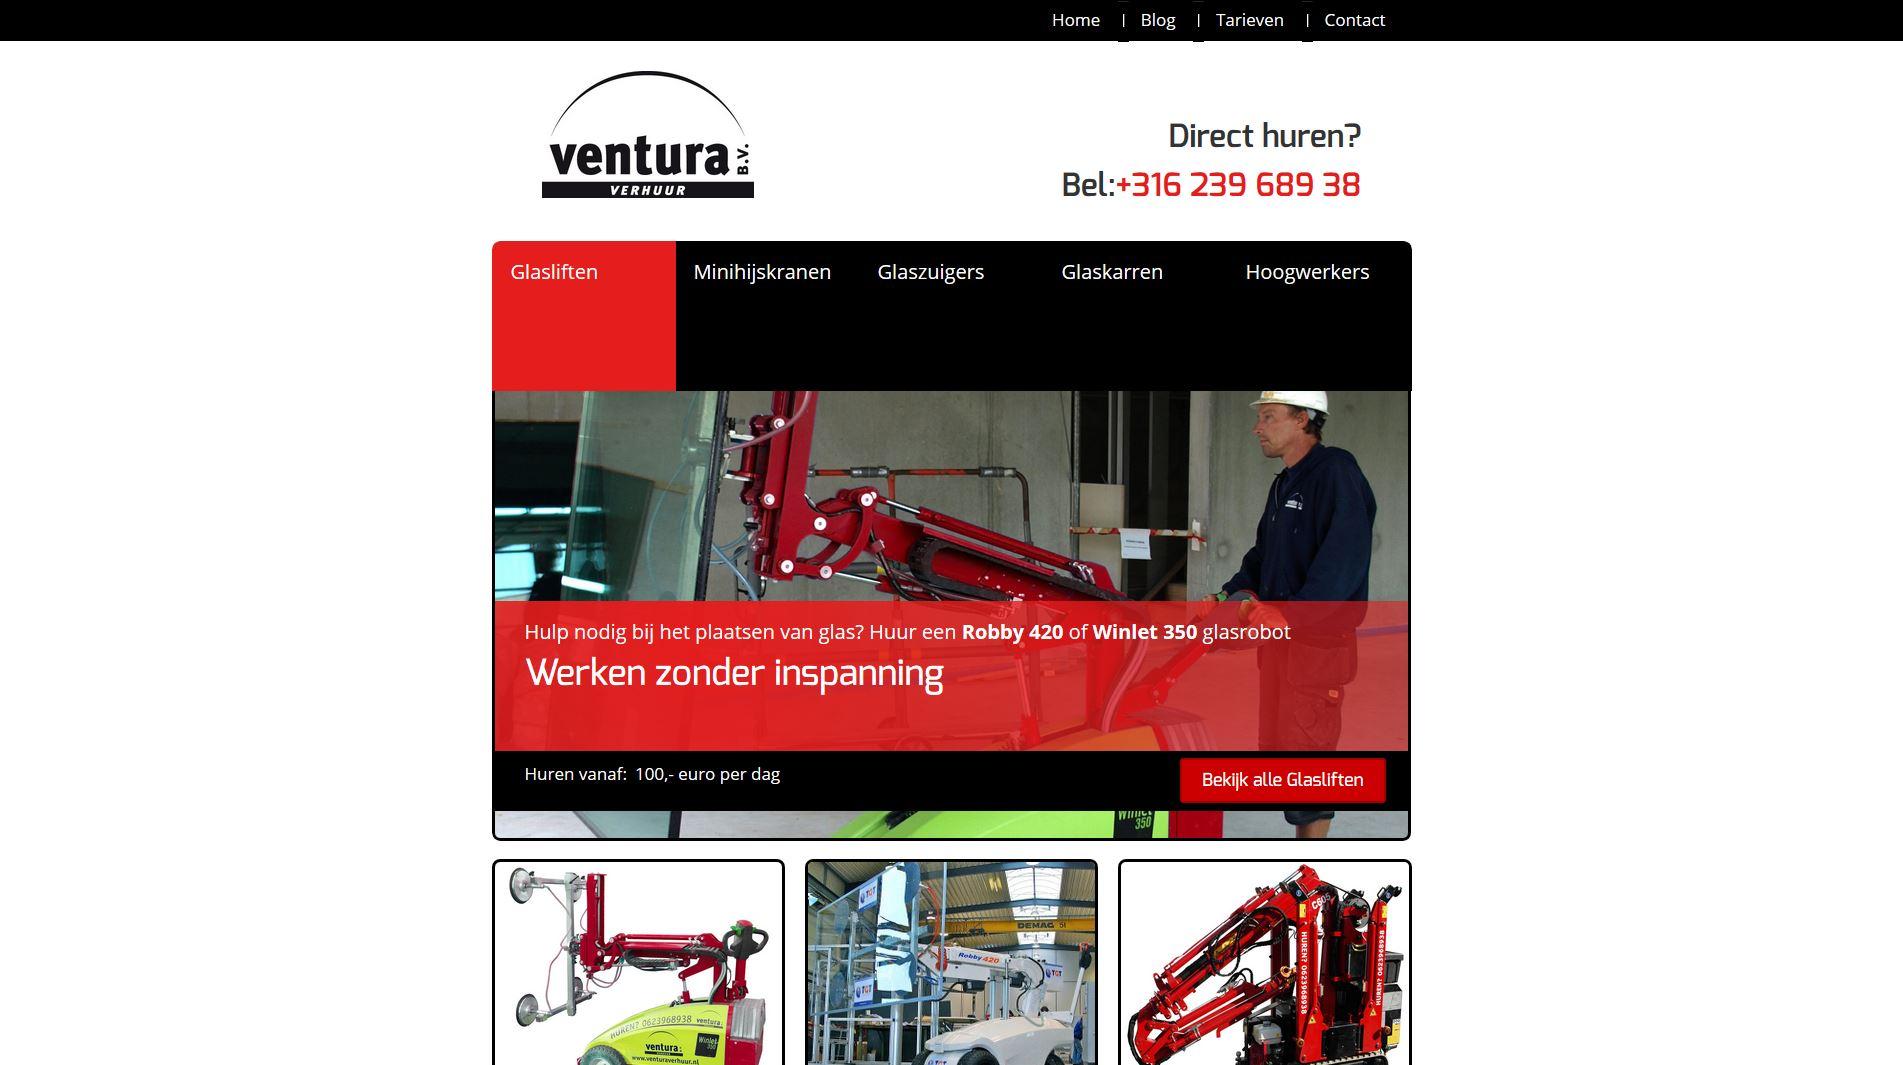 Ventura Verhuur - Nieuwe website met een overzicht van alle glas - en gevelmontage producten online